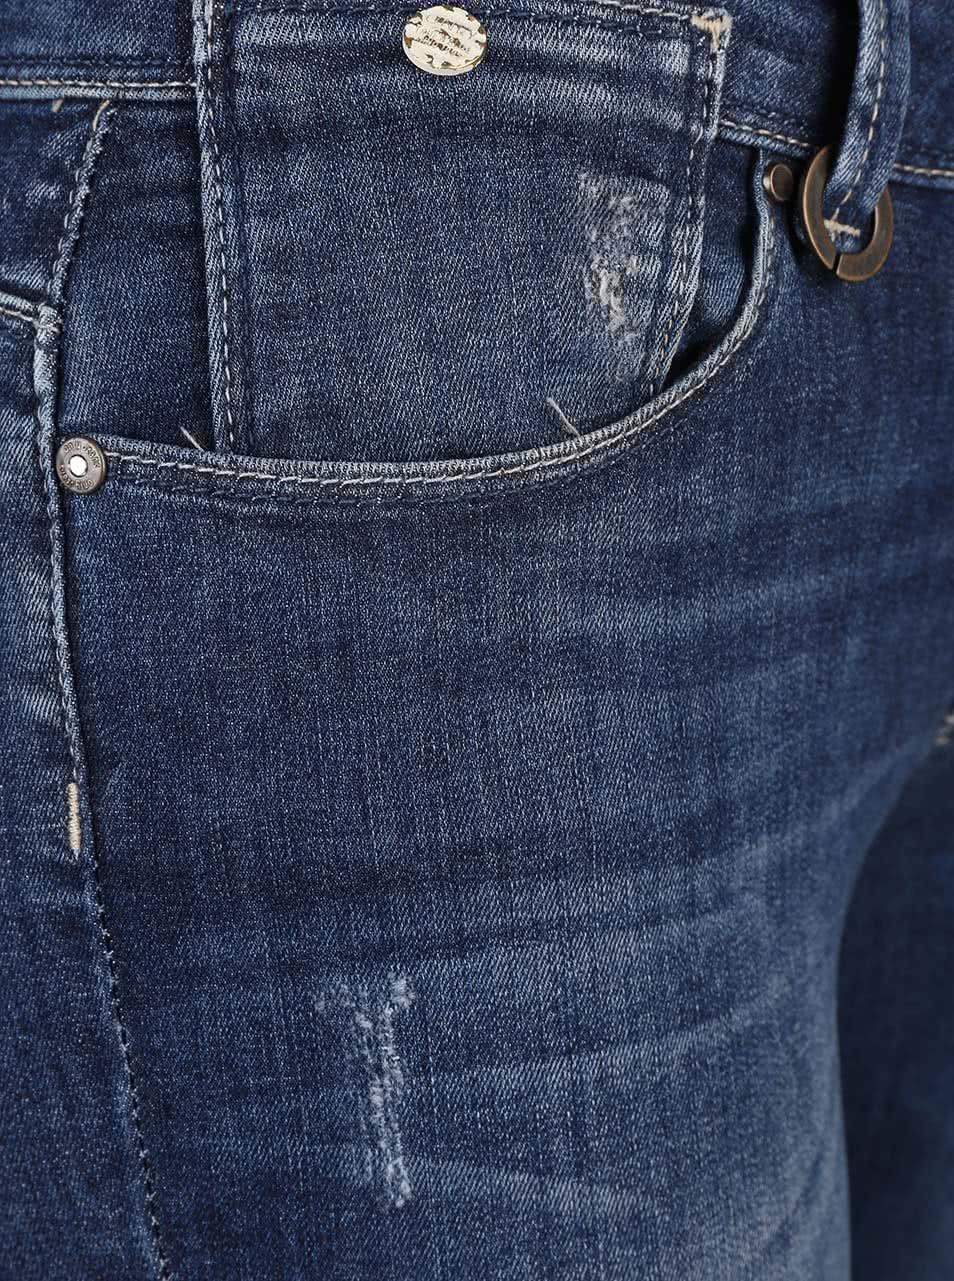 298c5e2d582 Tmavě modré dámské džíny ONLY Carrie ...